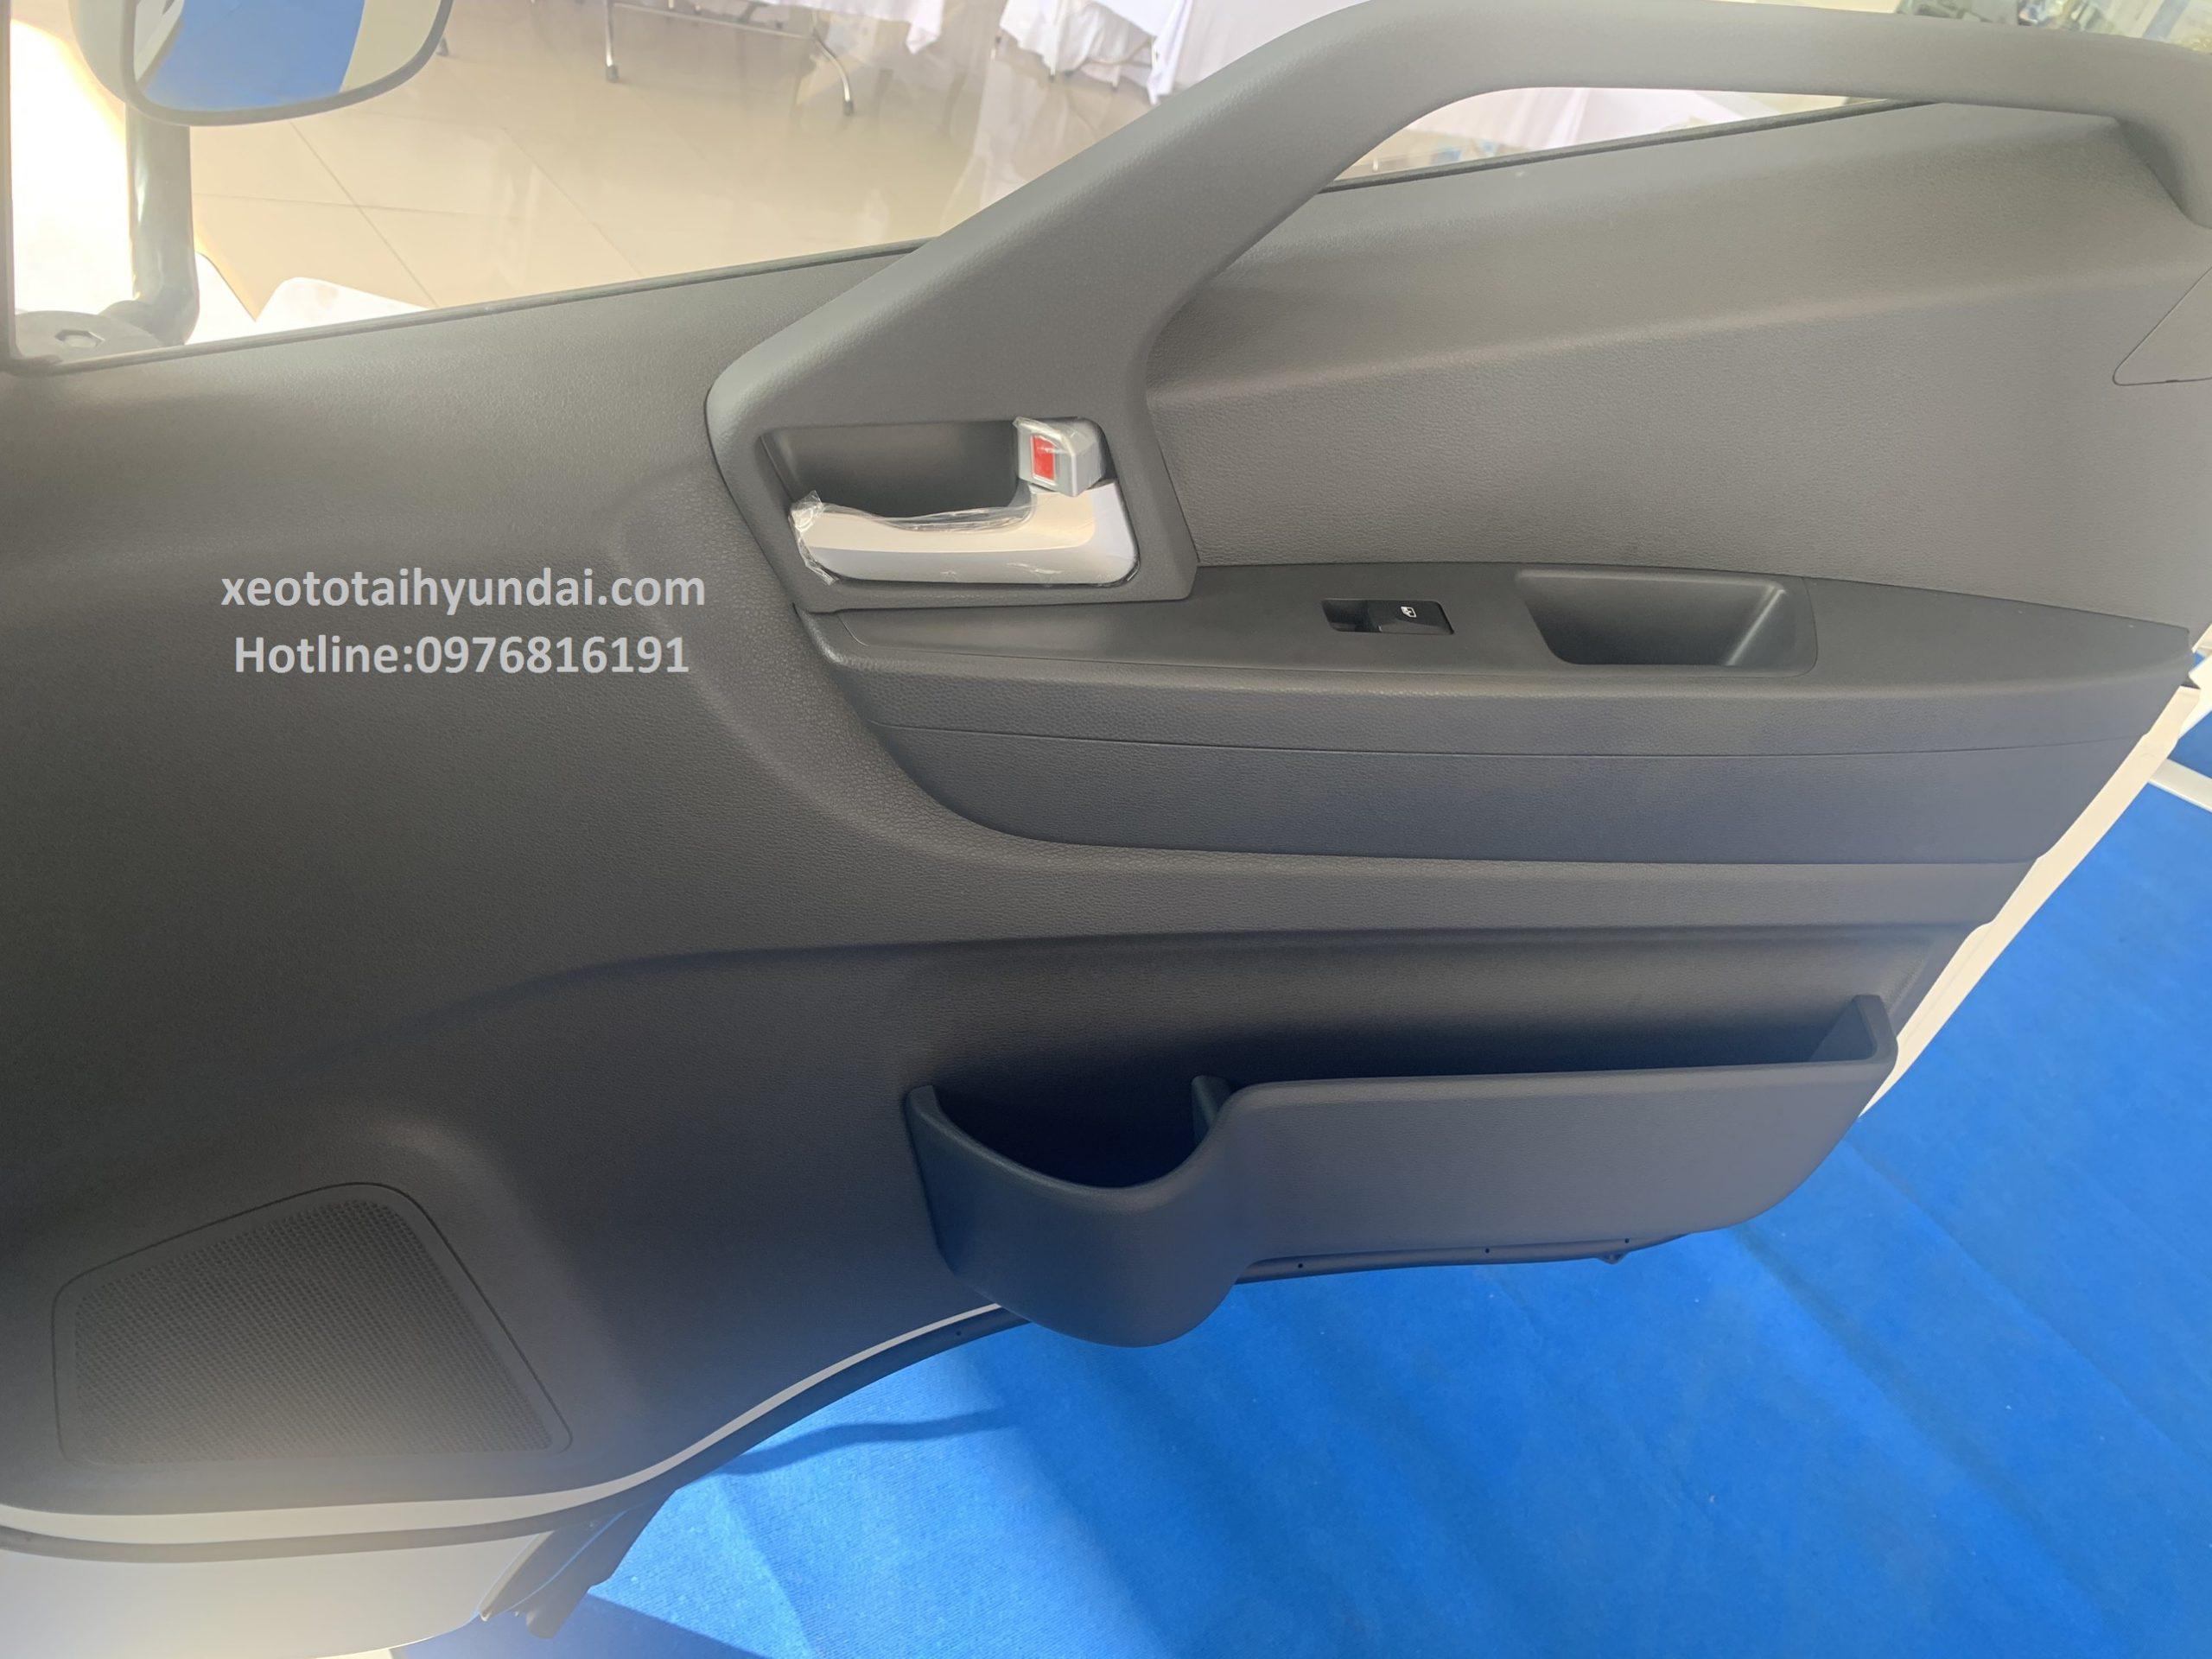 Cánh cửa xe Hyundai ex8 gts2